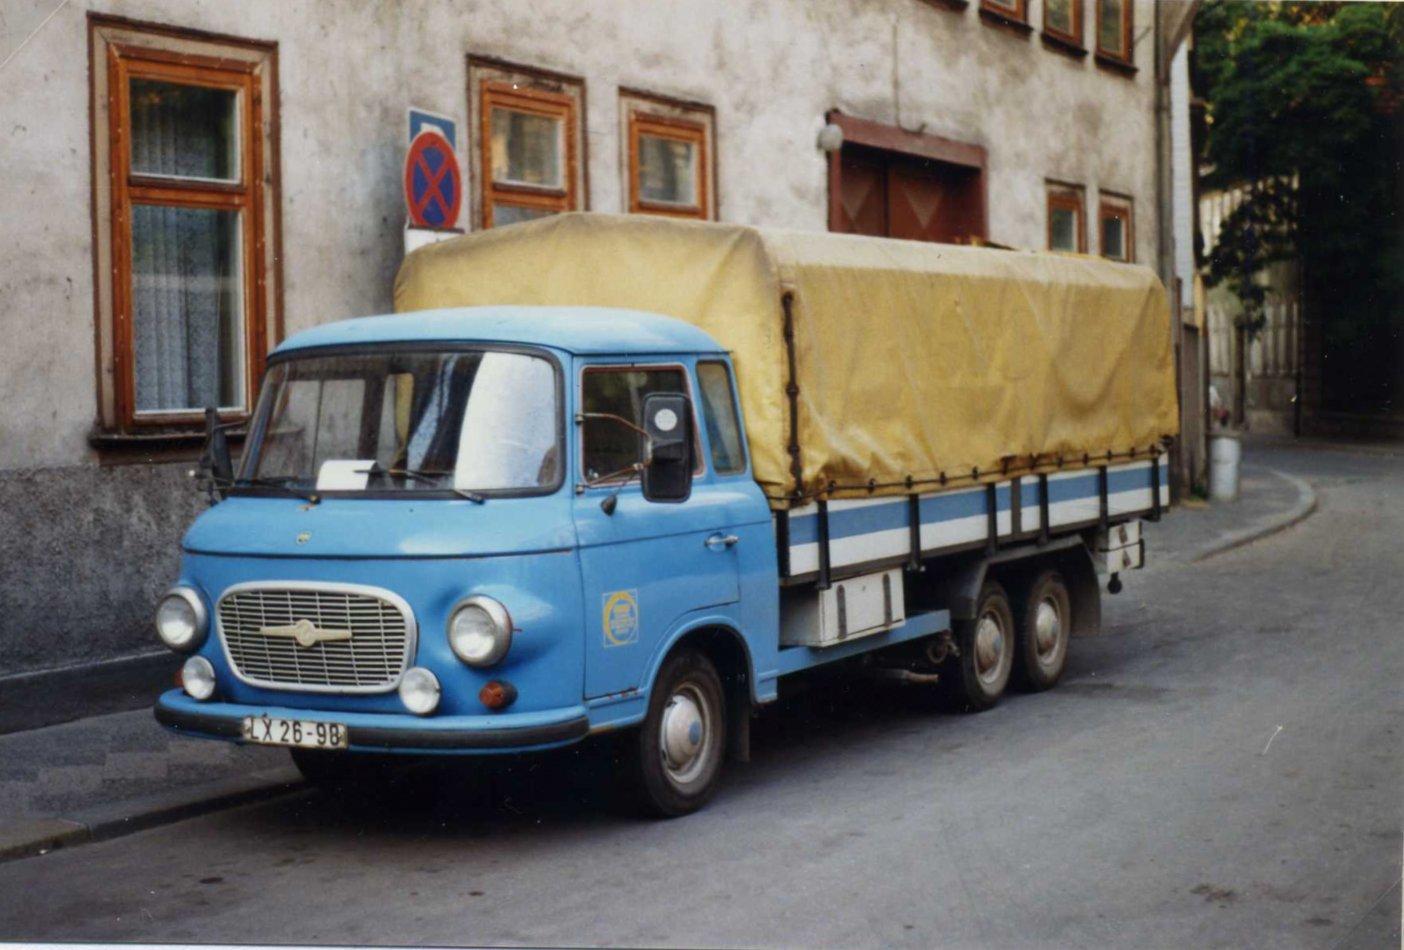 Barkas_B1000_twin-axle_LKW_LX_26-98,_Erfurt,_DDR,_August_1989_-_Flickr_-_sludgegulper